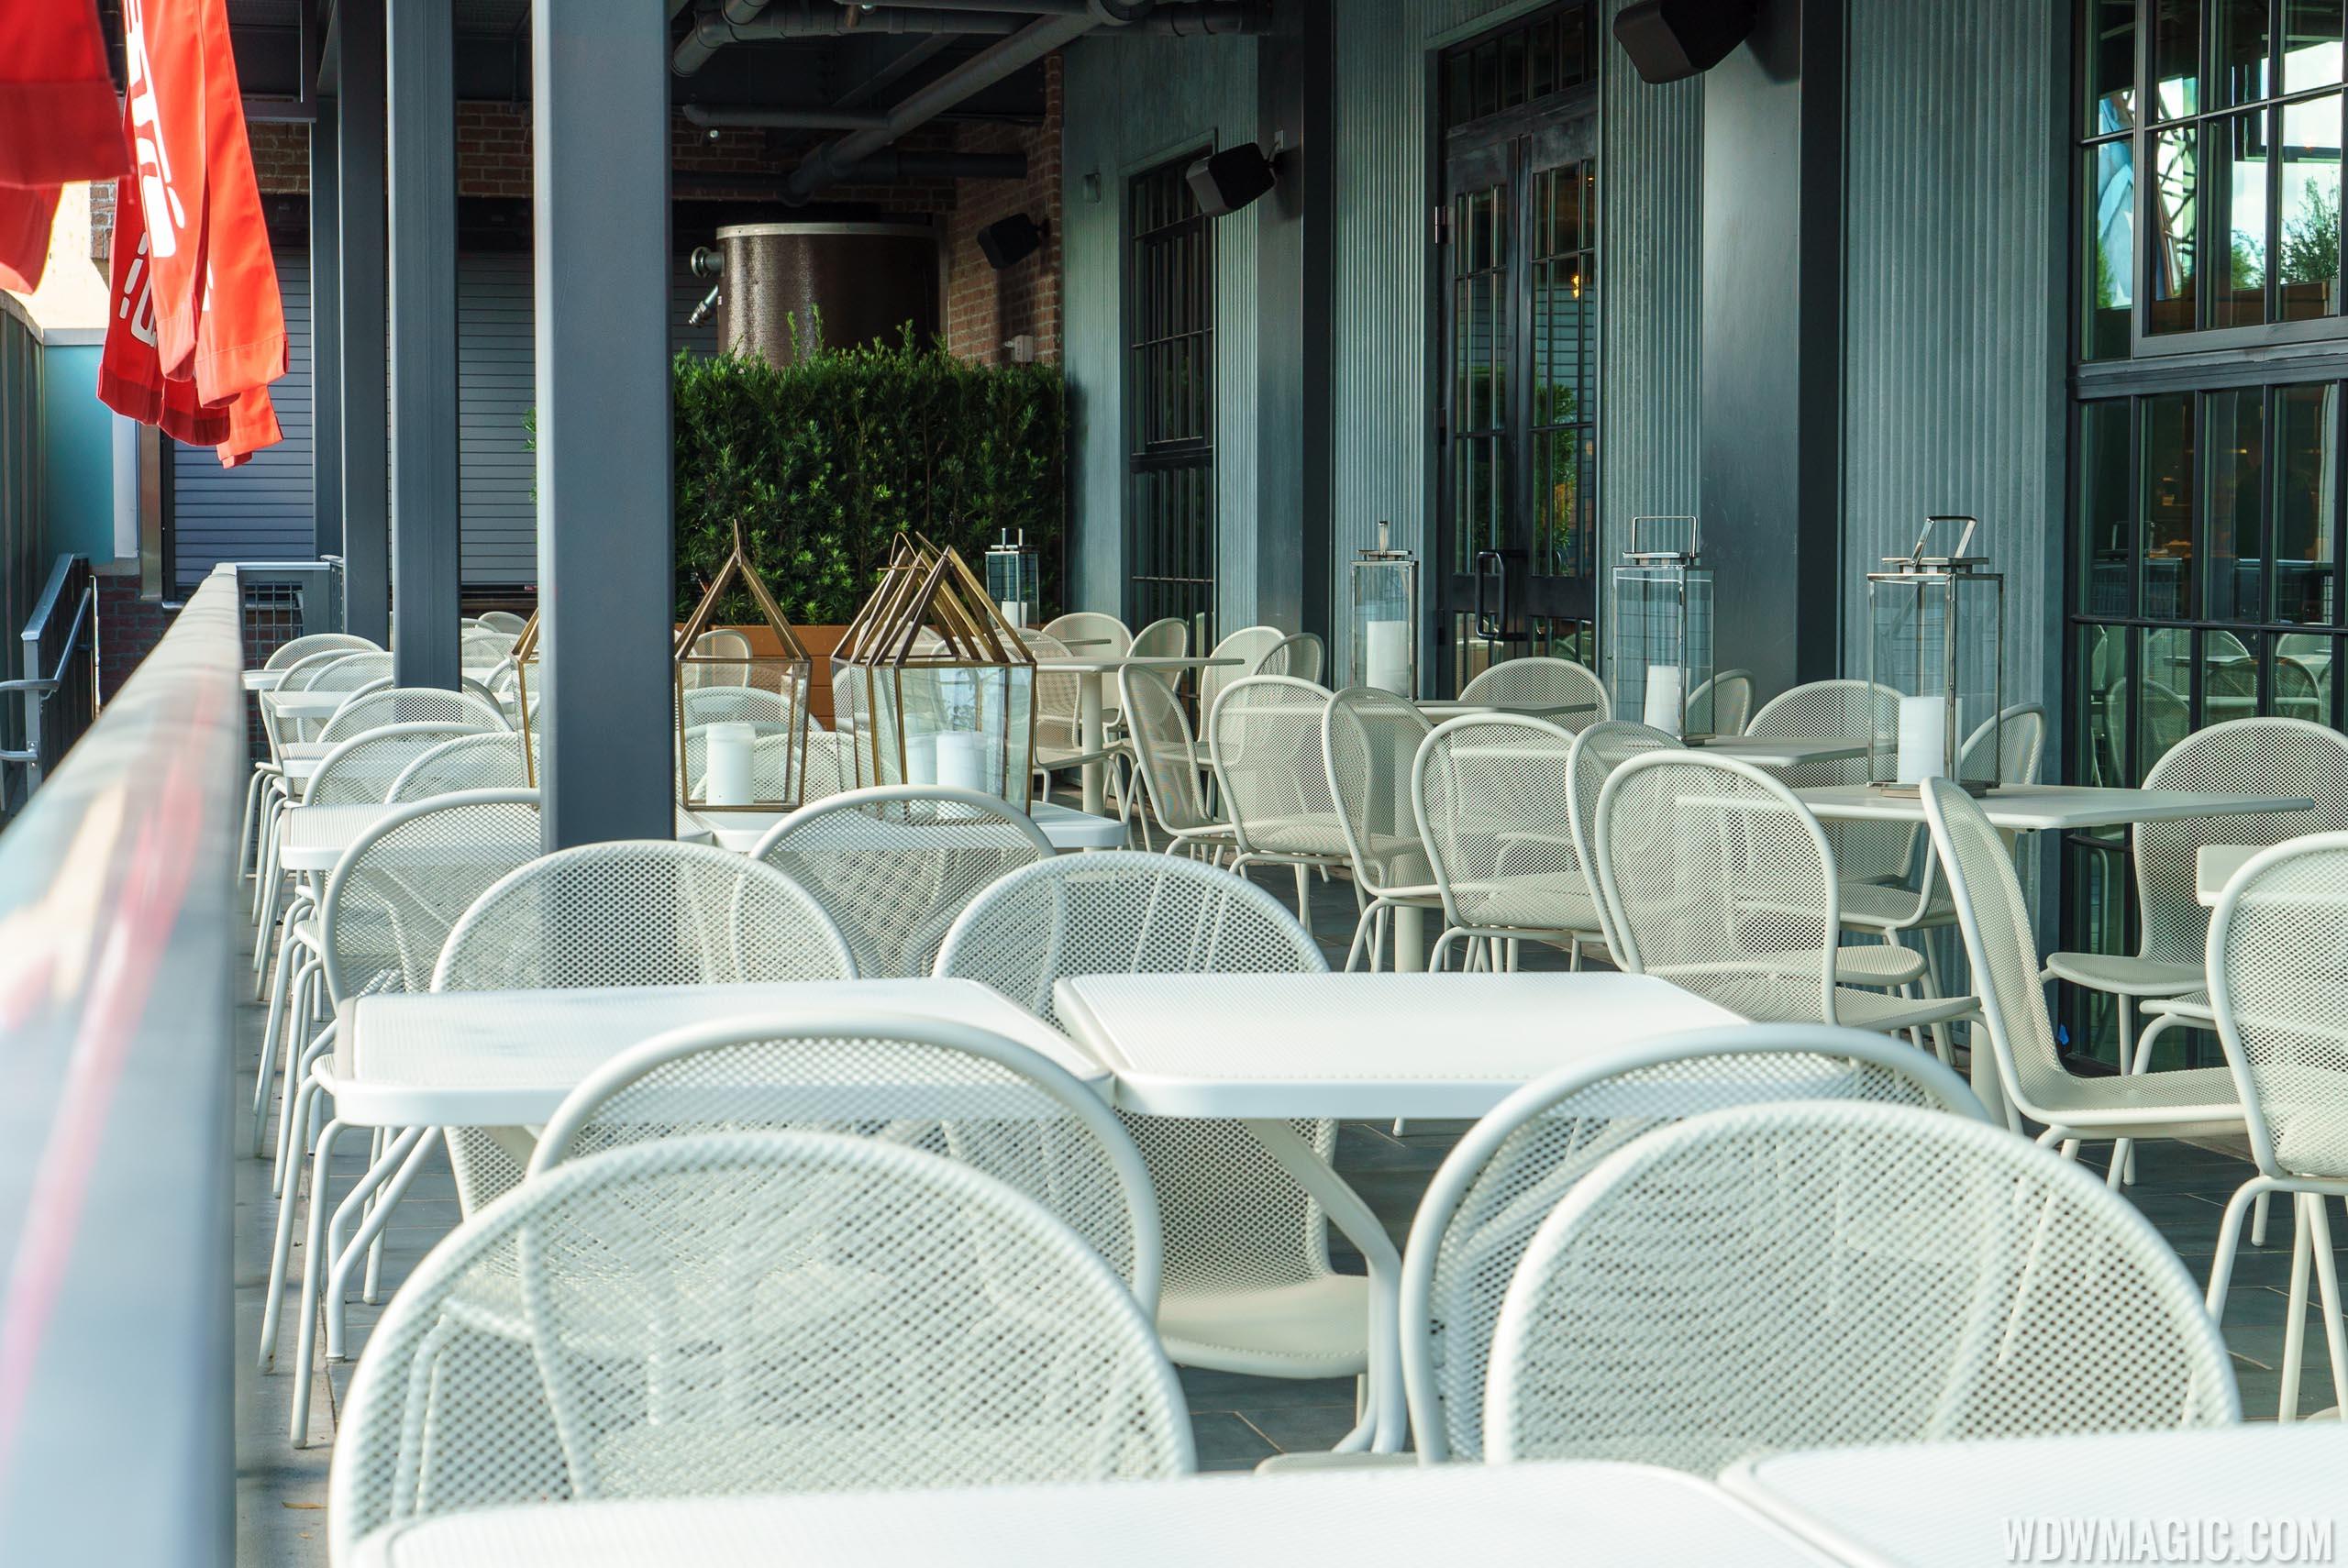 Morimoto Street Food seating